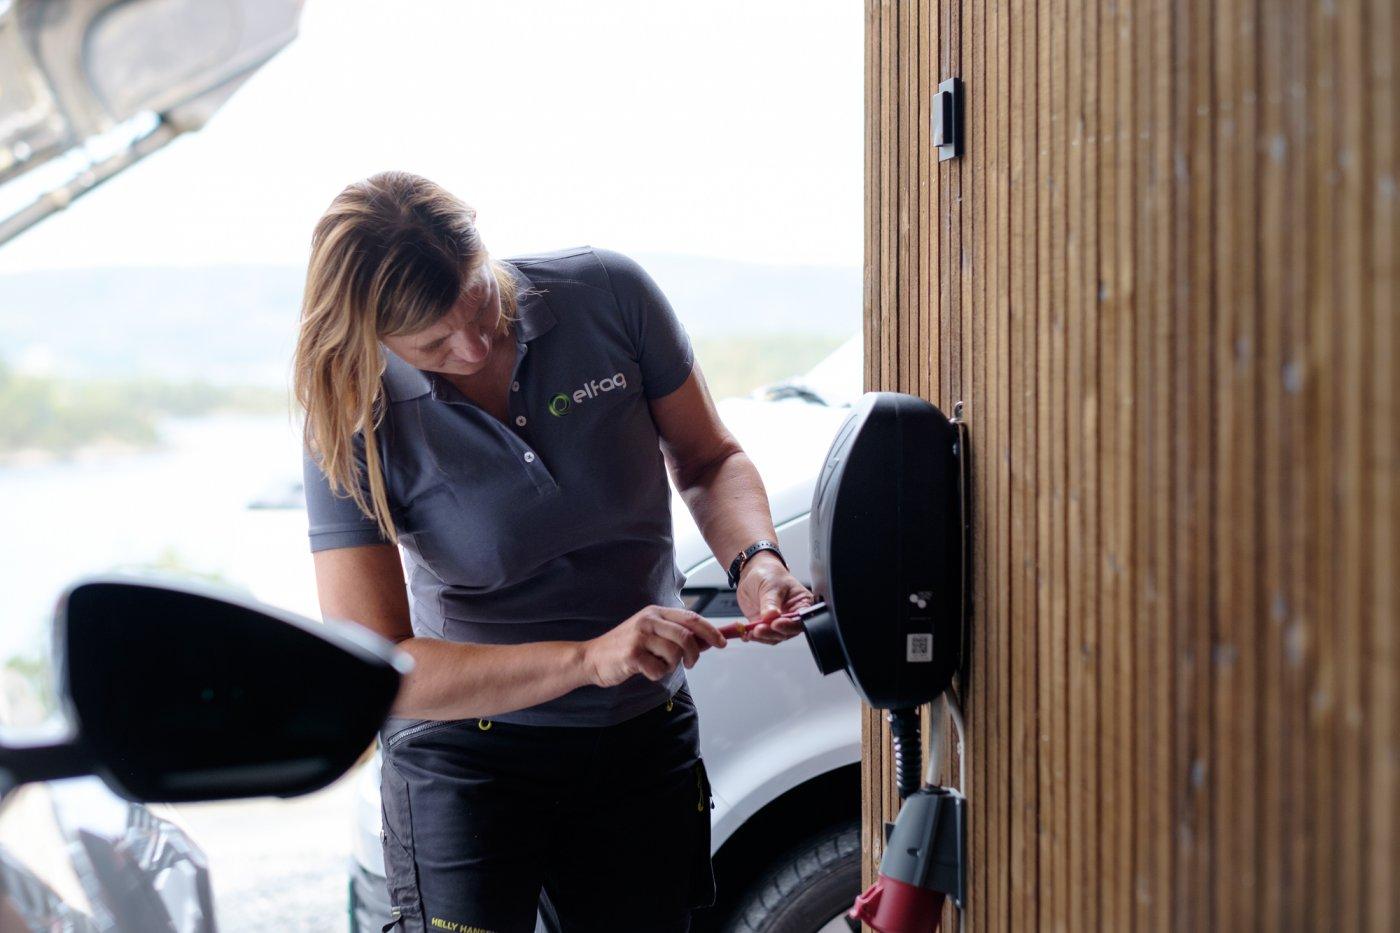 kvinnelig elektriker installerer sort elbillader på husvegg.